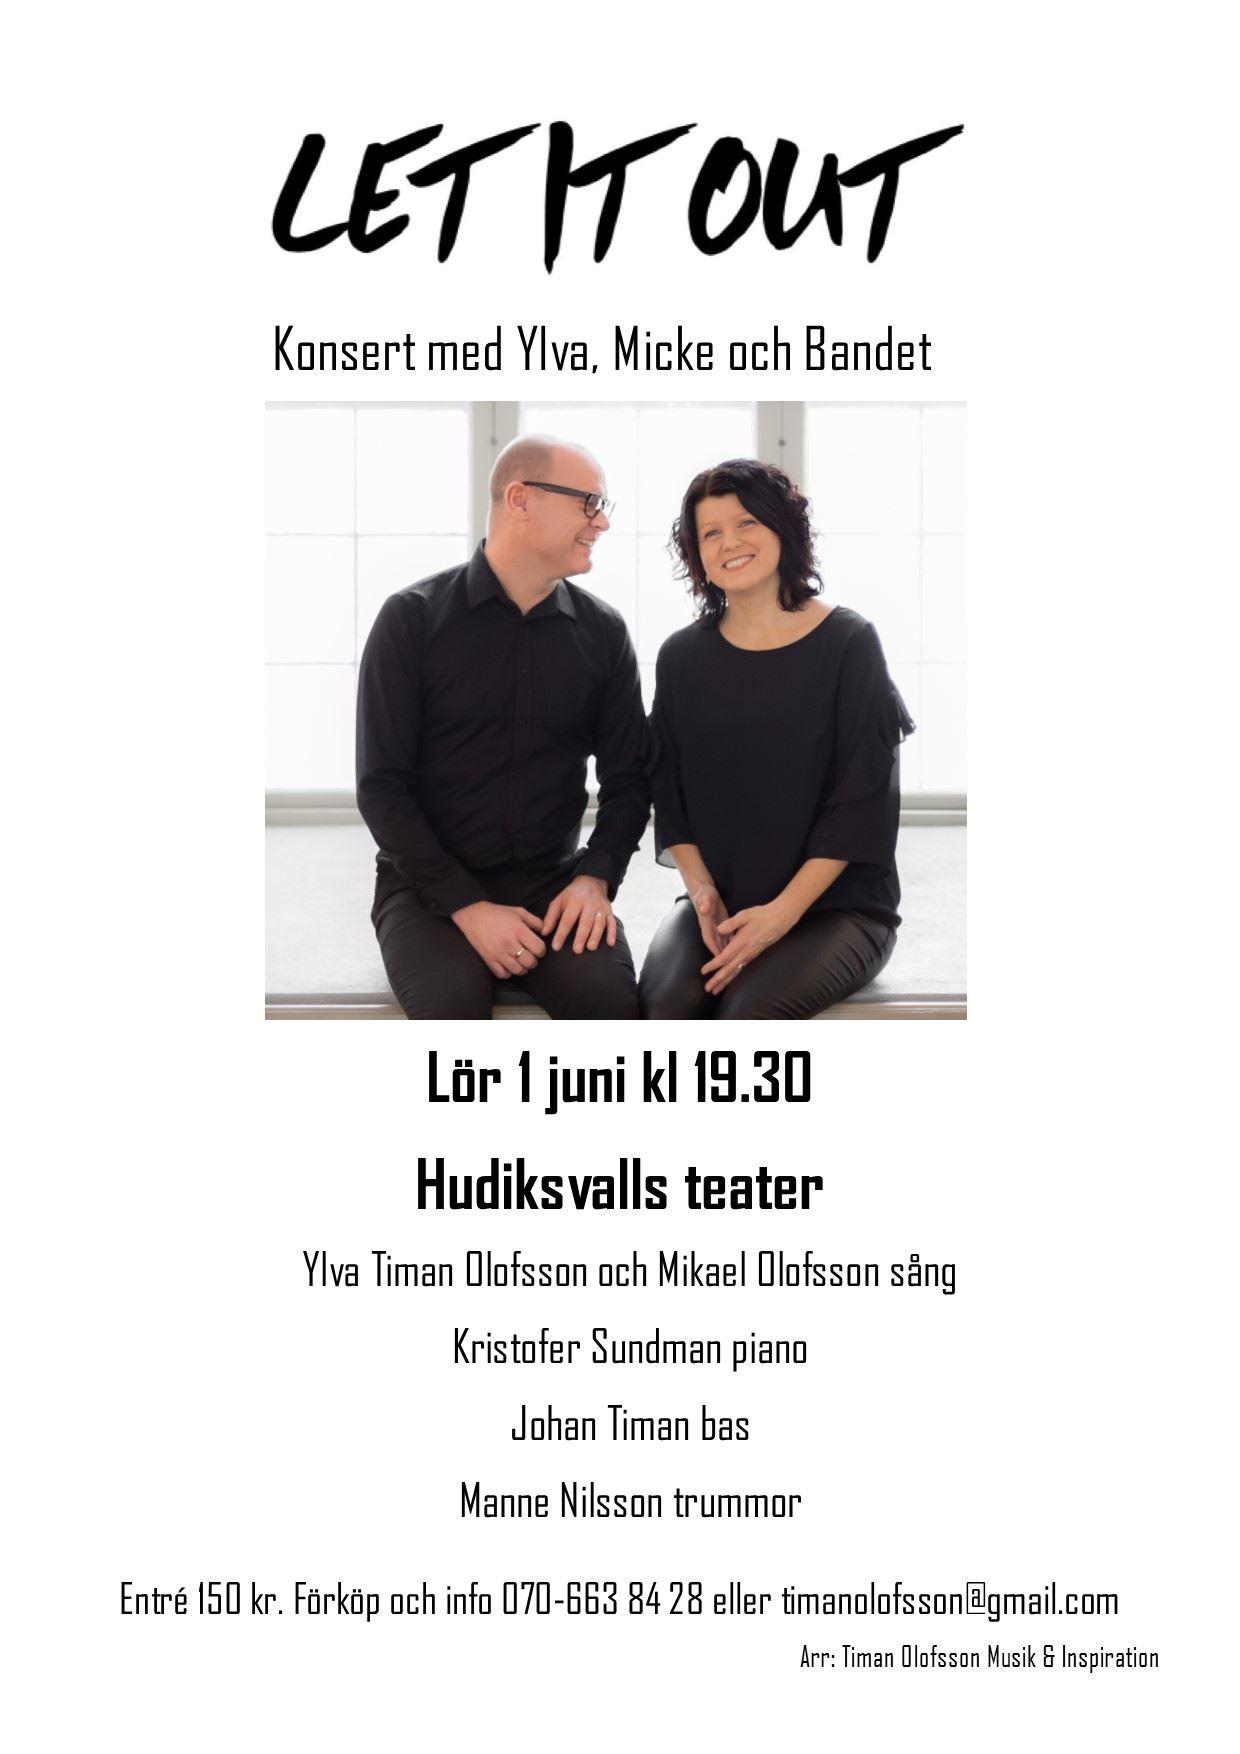 Let it out! - Konsert med Ylva, Micke och Bandet